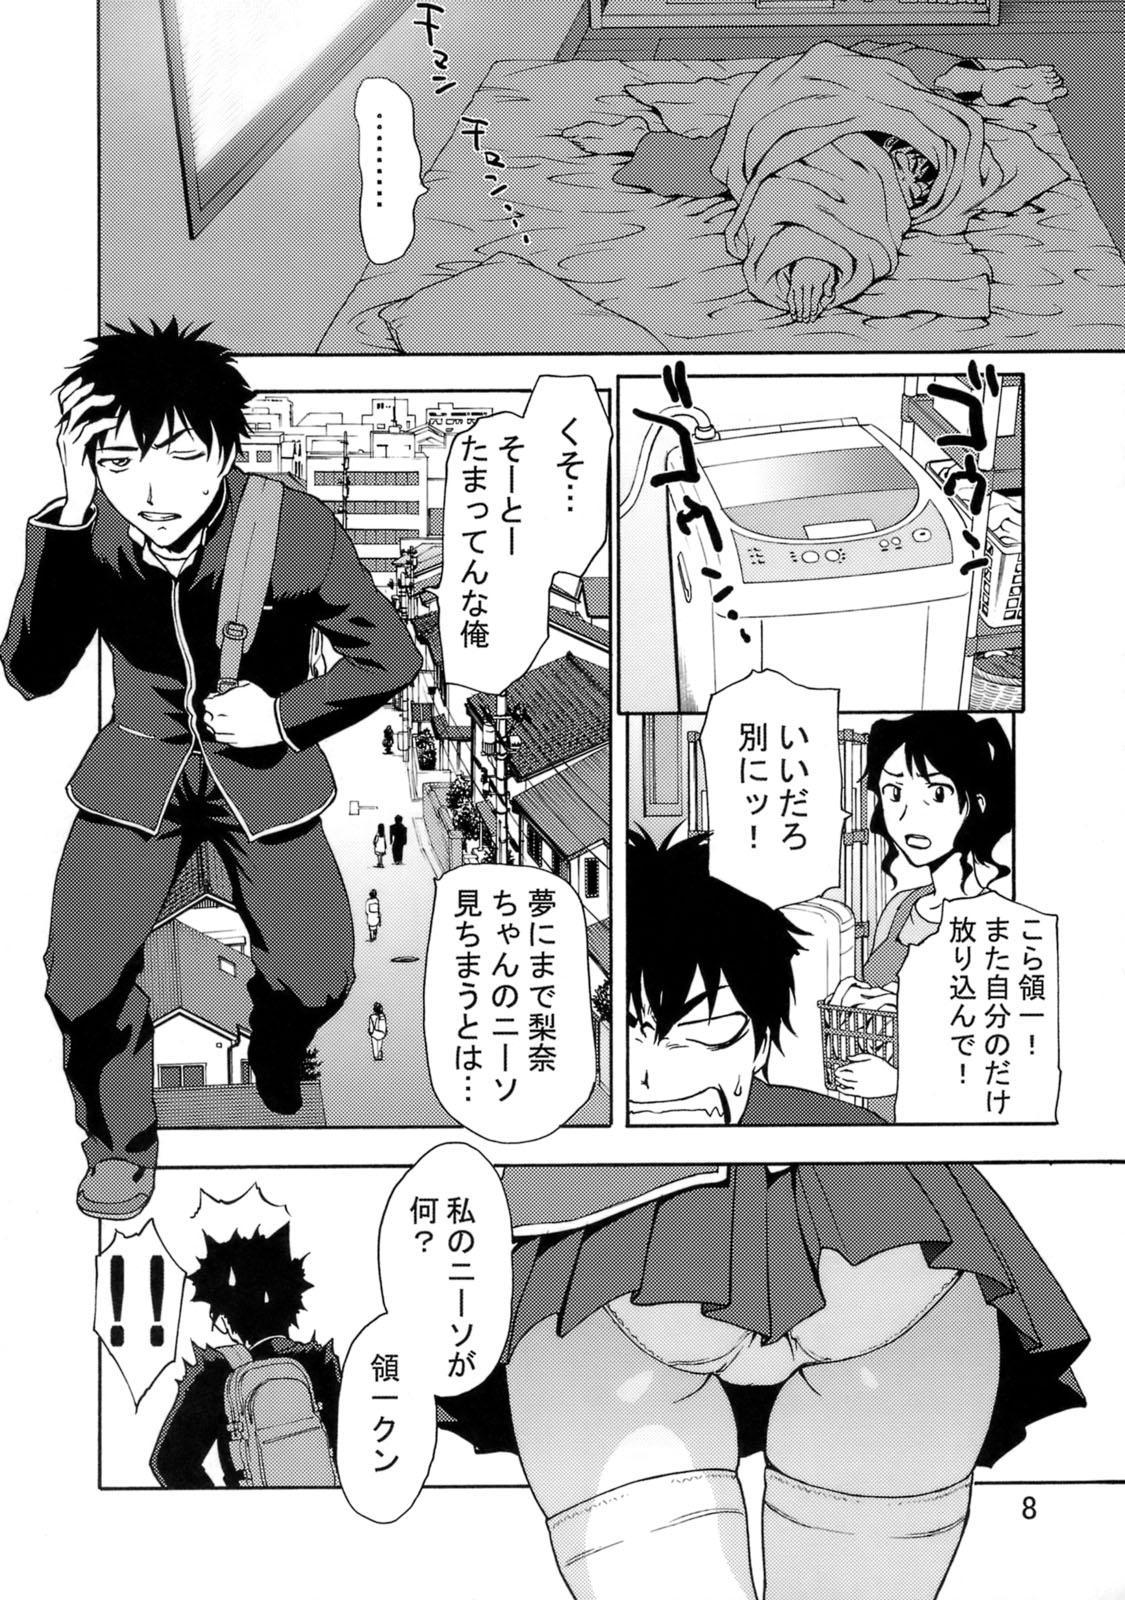 Zettai Ryouiki Shinnyuu Tsumi Crime Hen 6